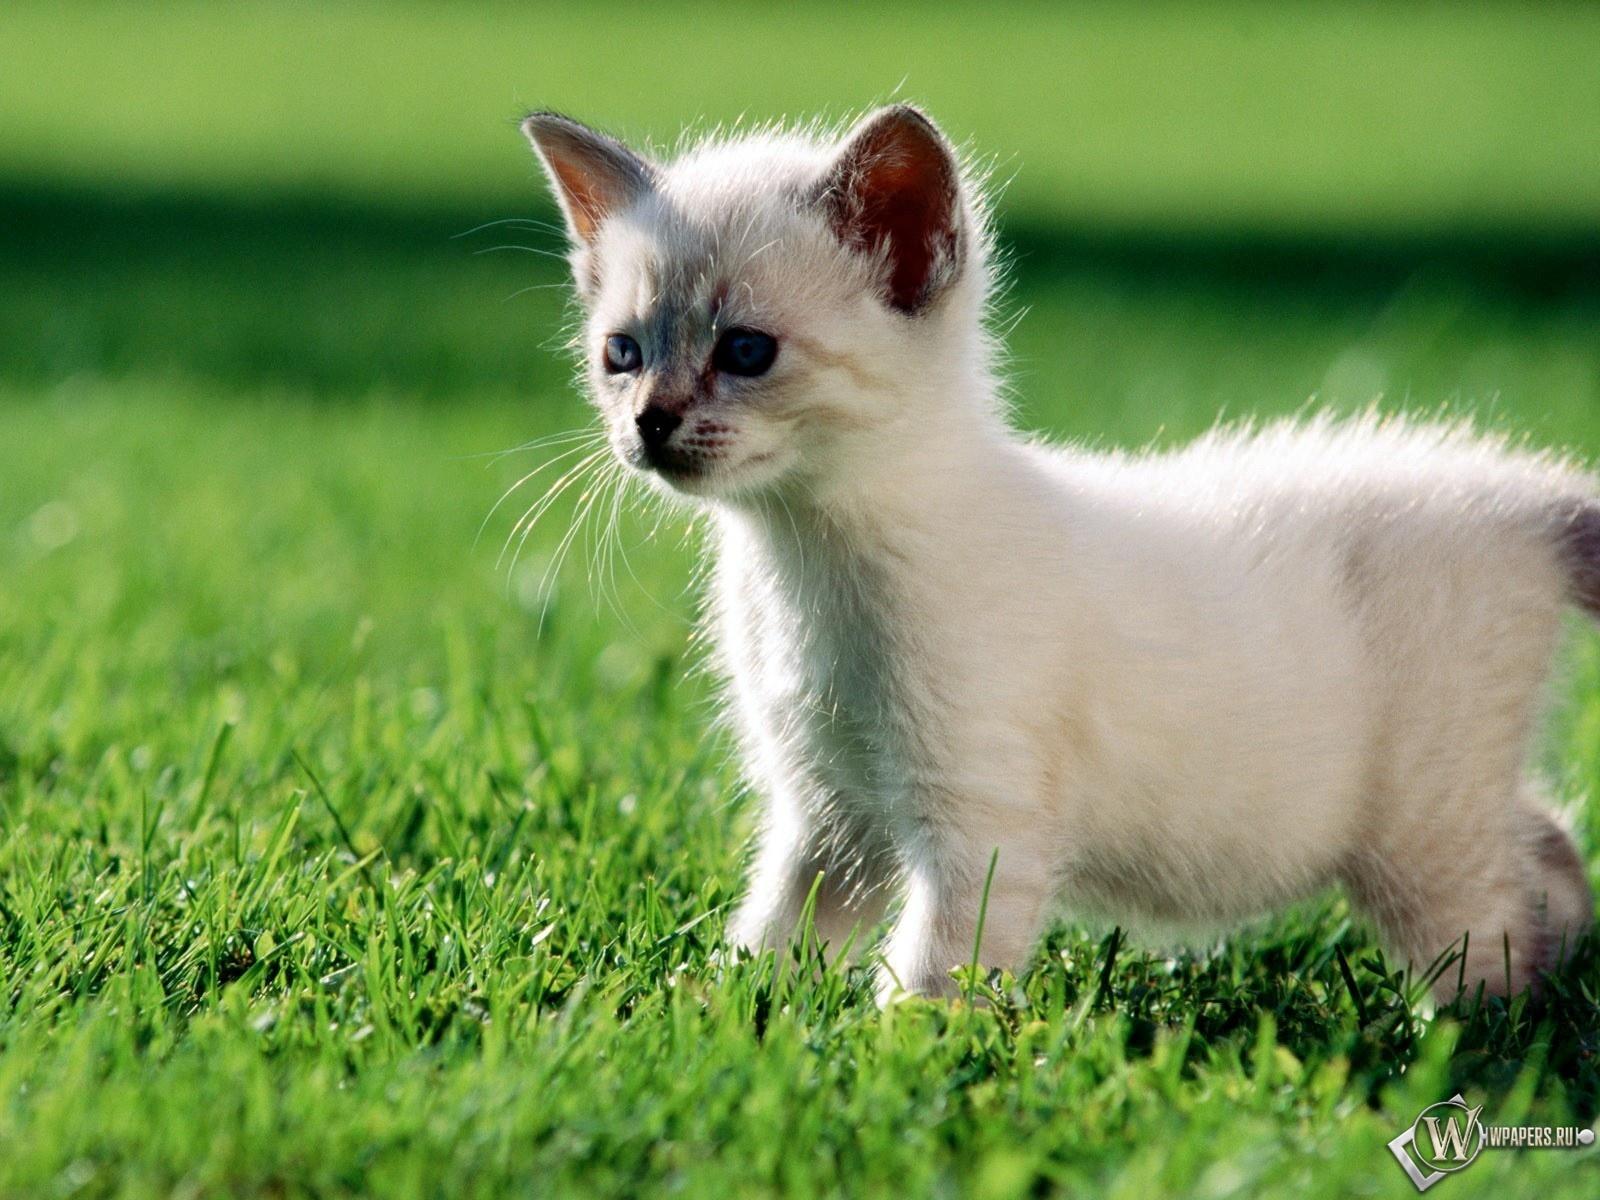 Котёнок на траве 1600x1200